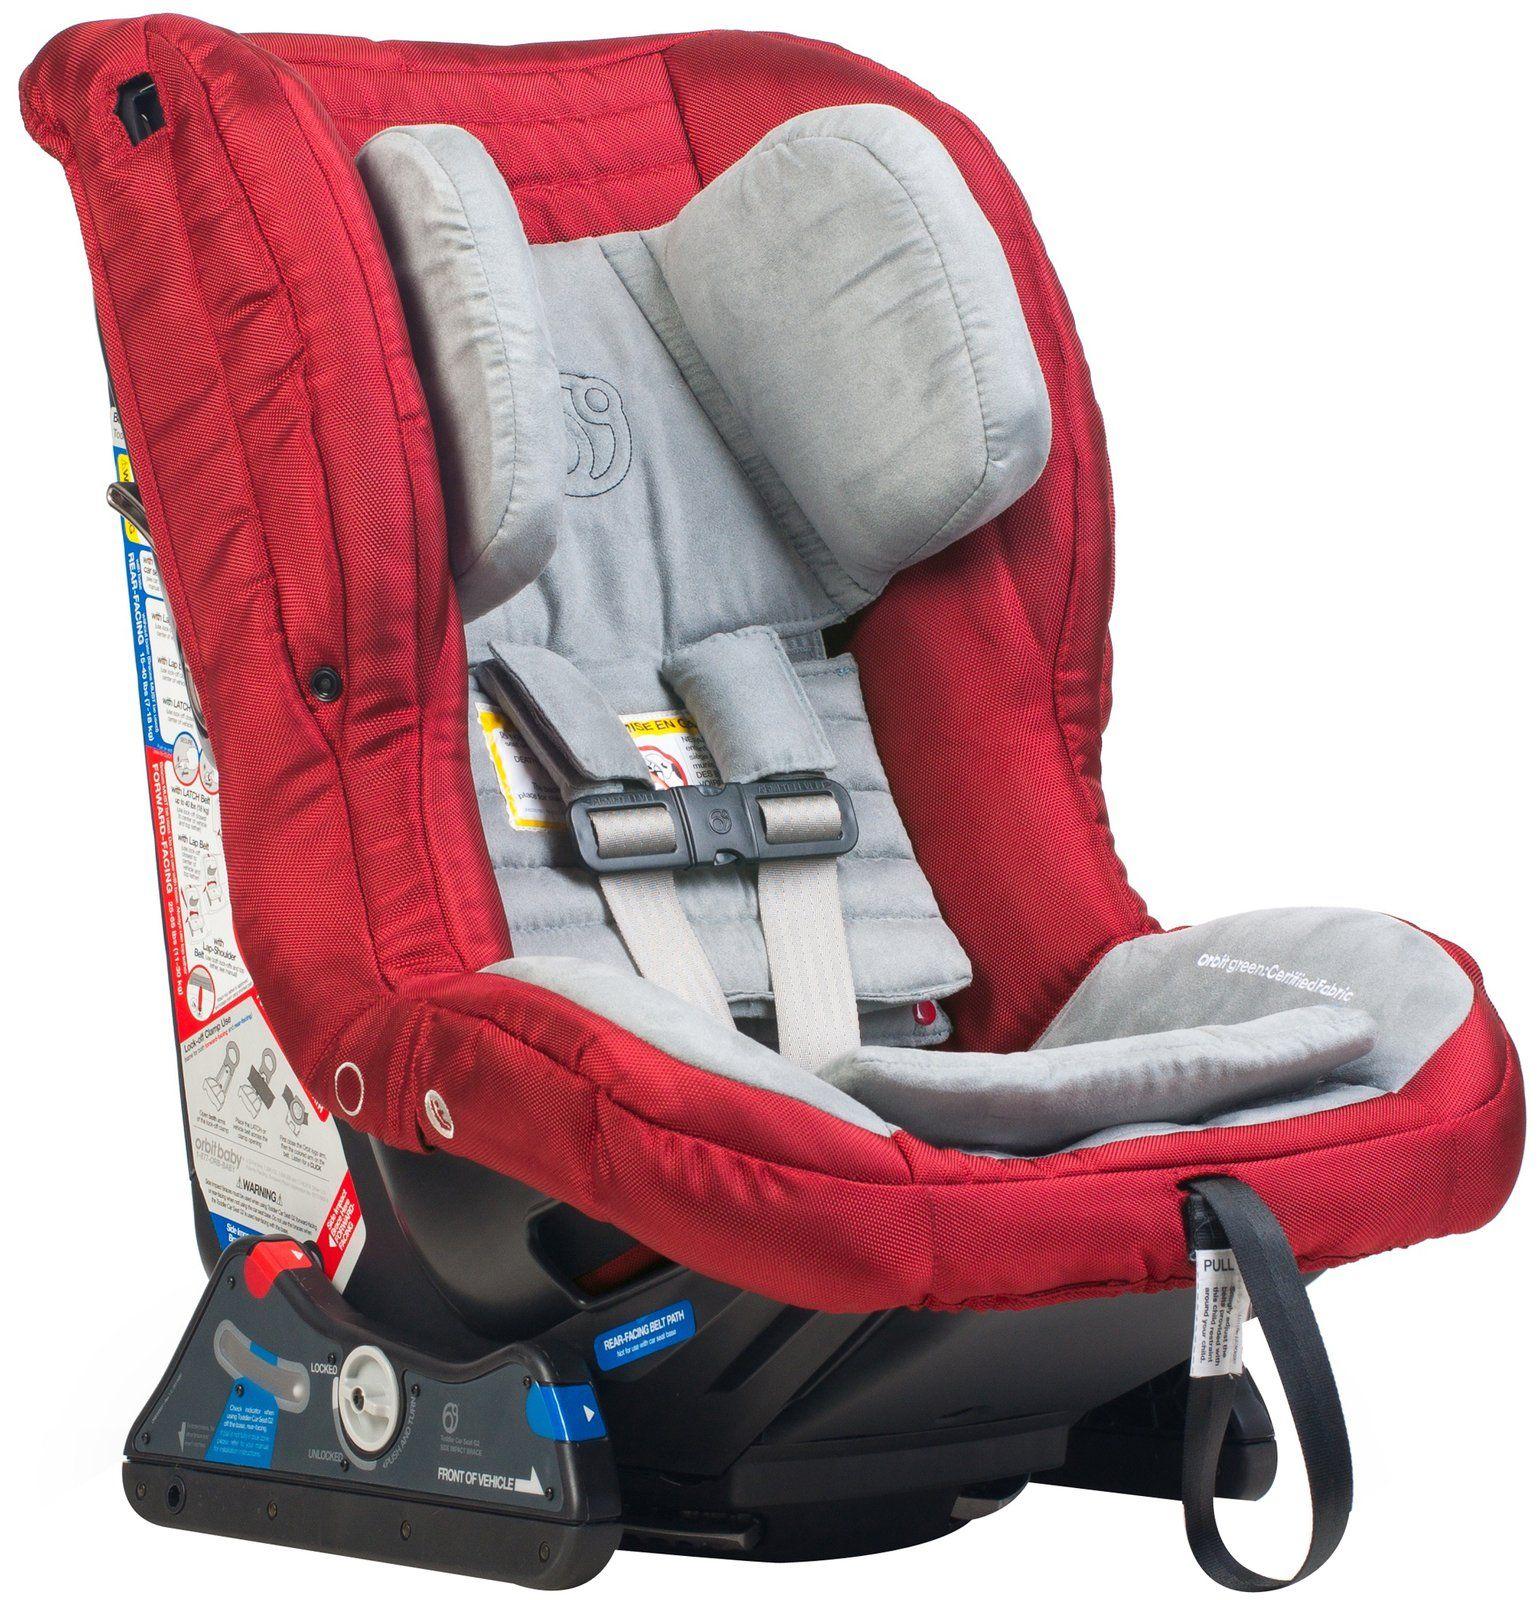 Orbit Toddler Car Seat G2 Ruby Best Price Car seats